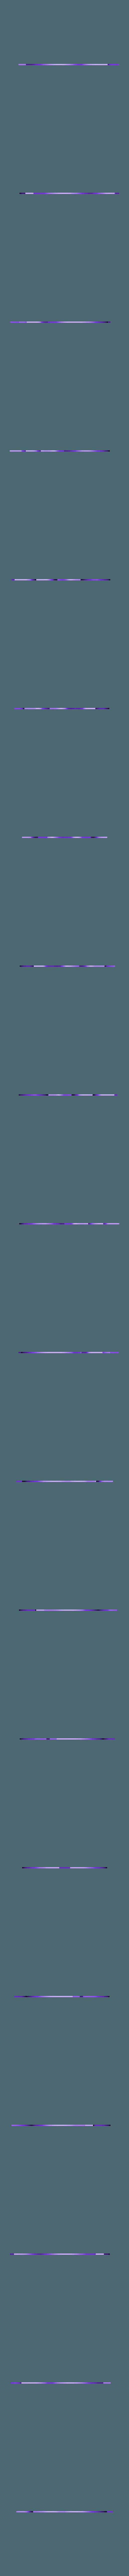 nhl-logo-dual-extruder-part-2.stl Télécharger fichier STL gratuit Logo LNH bicolore • Modèle imprimable en 3D, filamentone